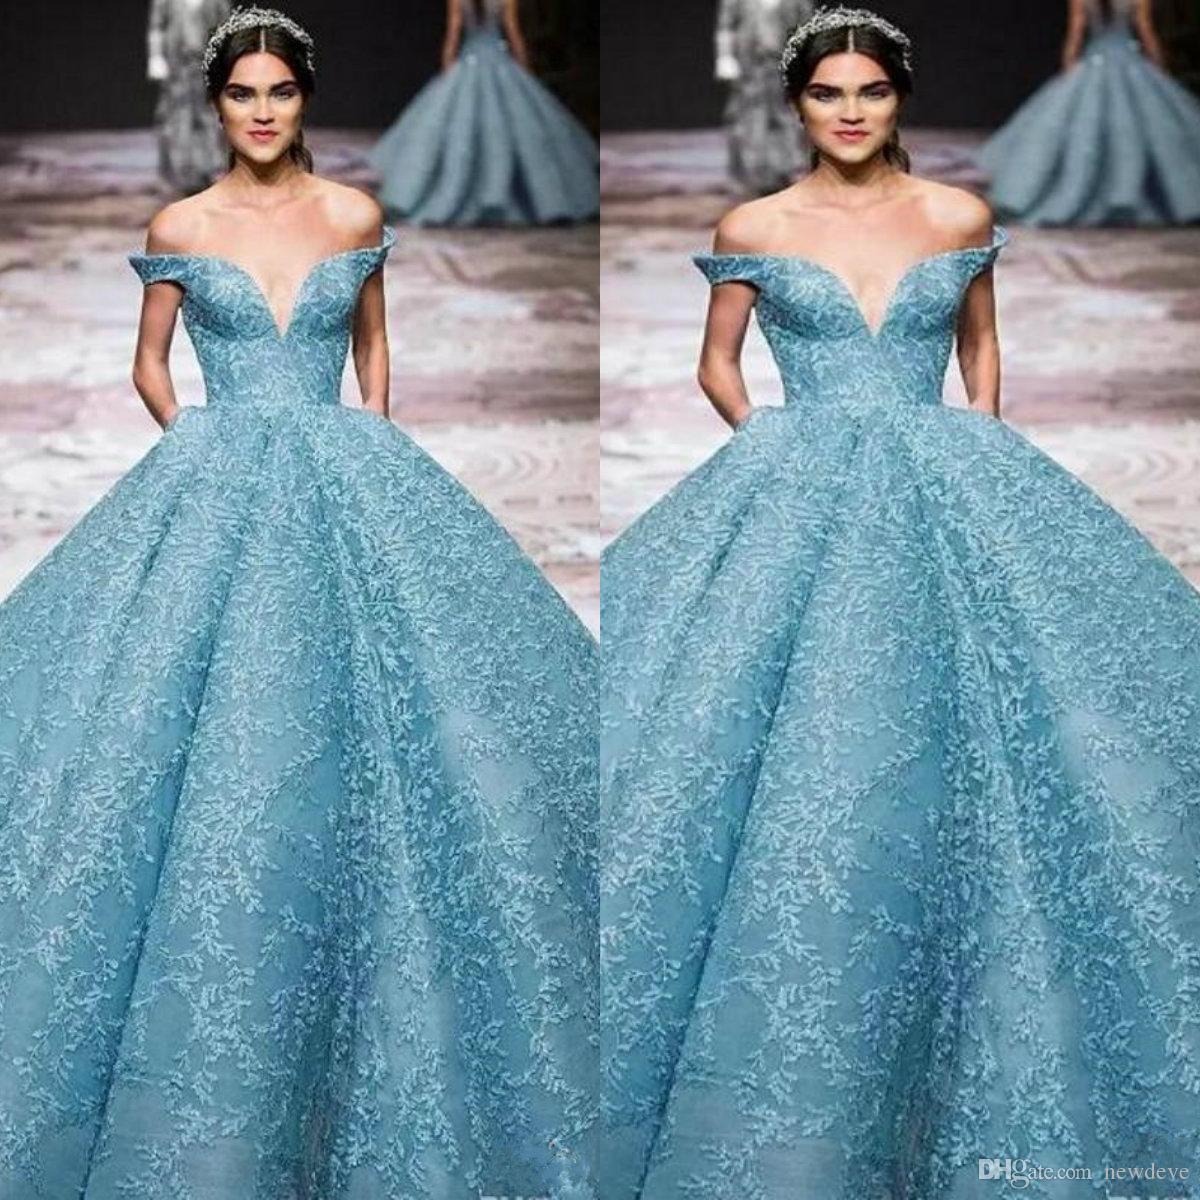 Elie Saab 2019 Abendkleider Off The Shoulder Tiefer Ausschnitt Spitze Ballkleid Abendkleid Benutzerdefinierte bodenlangen Kleider für besondere Anlässe